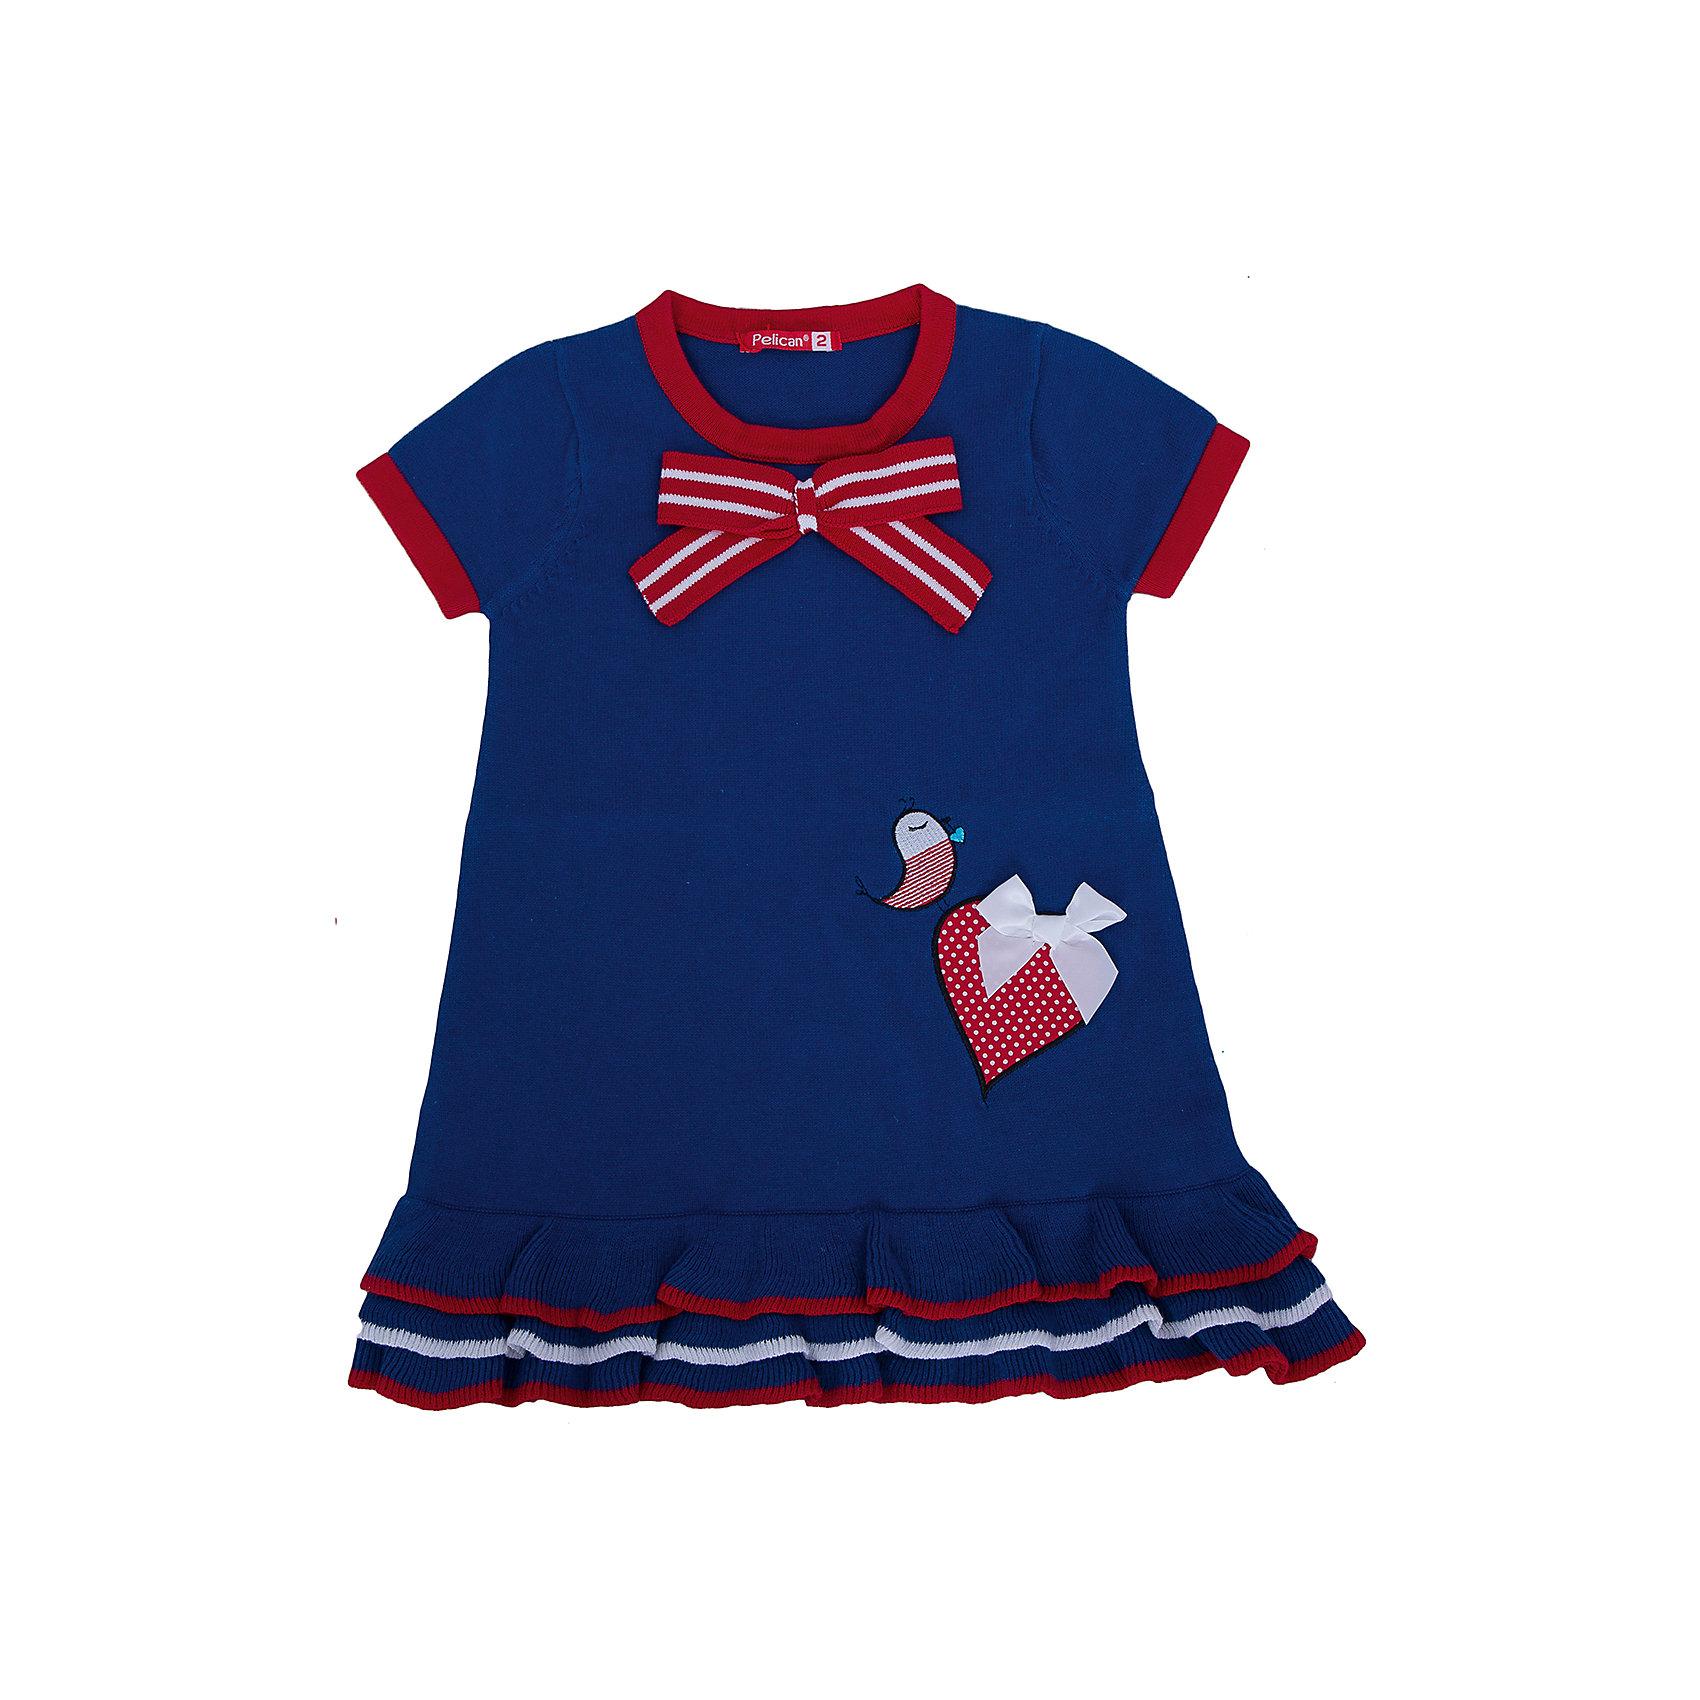 Платье для девочки PELICANПлатья и сарафаны<br>Модное платье для девочки смотрится очень нарядно. Оно поможет разнообразить гардероб ребенка, создать подходящий погоде ансамбль. Удобный крой и качественный материал обеспечат ребенку комфорт при ношении этих вещей. <br>Платье декорировано аппликацией и бантом, низ - украшен воланами. Рукава короткие. Материал платья состоит из дышащего натурального хлопка. <br><br>Дополнительная информация:<br><br>материал: 100% хлопок;<br>цвет: разноцветный;<br>декорировано бантом и воланами.<br><br>Платье для девочки от бренда PELICAN (Пеликан) можно купить в нашем магазине.<br><br>Ширина мм: 236<br>Глубина мм: 16<br>Высота мм: 184<br>Вес г: 177<br>Цвет: голубой<br>Возраст от месяцев: 18<br>Возраст до месяцев: 24<br>Пол: Женский<br>Возраст: Детский<br>Размер: 92,110,104,98<br>SKU: 4804974